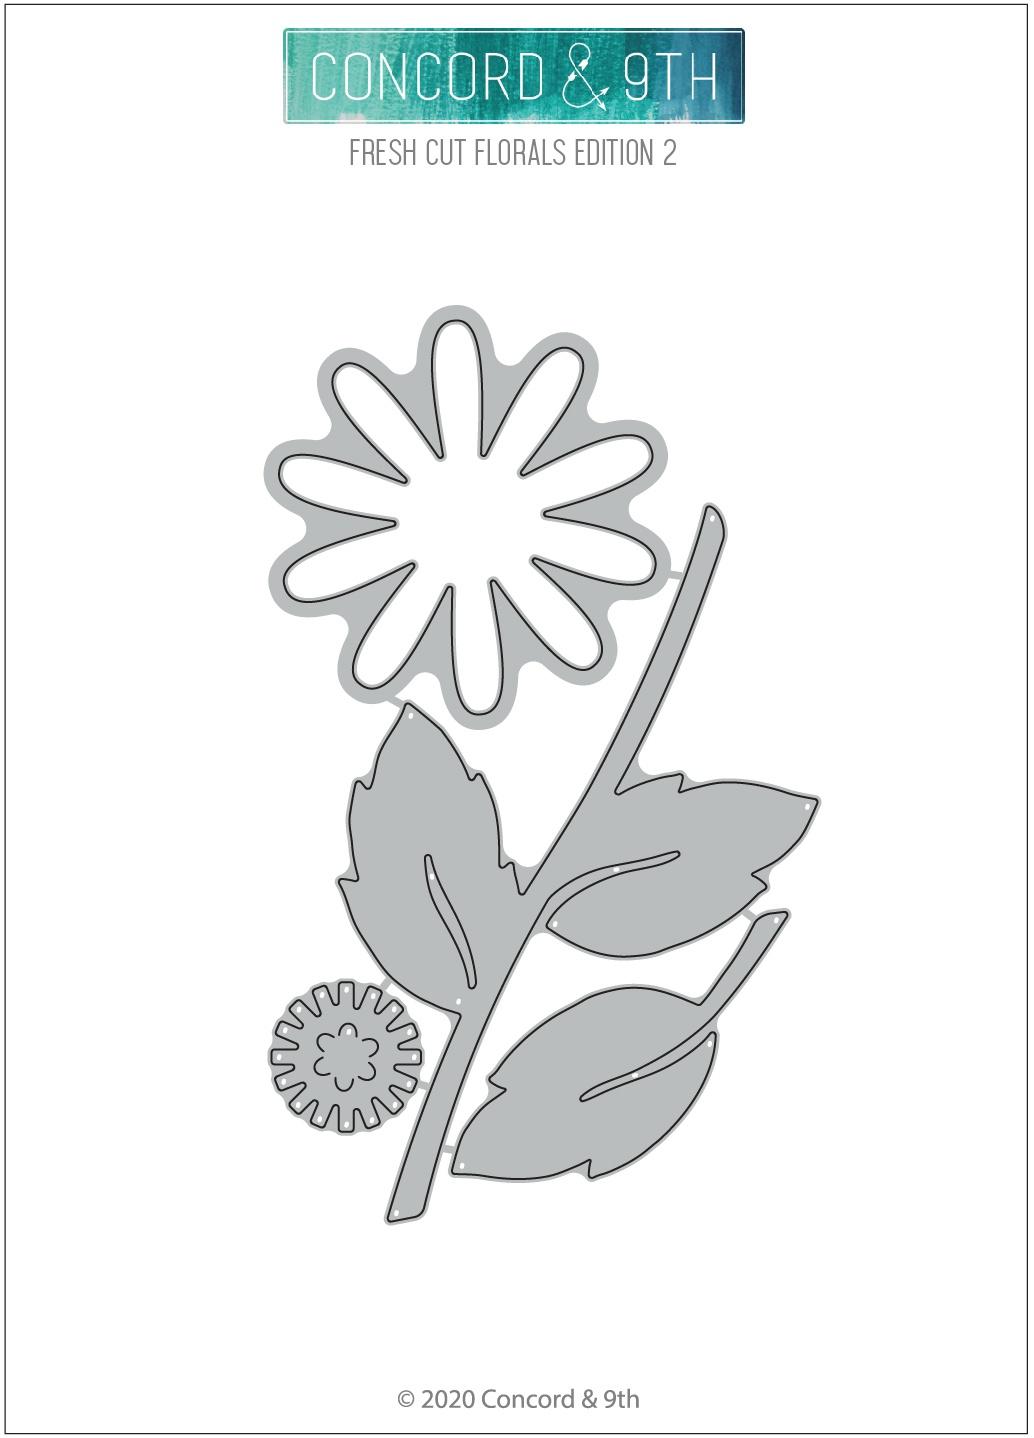 Concord & 9th Dies-Fresh Cut Florals Edition 2